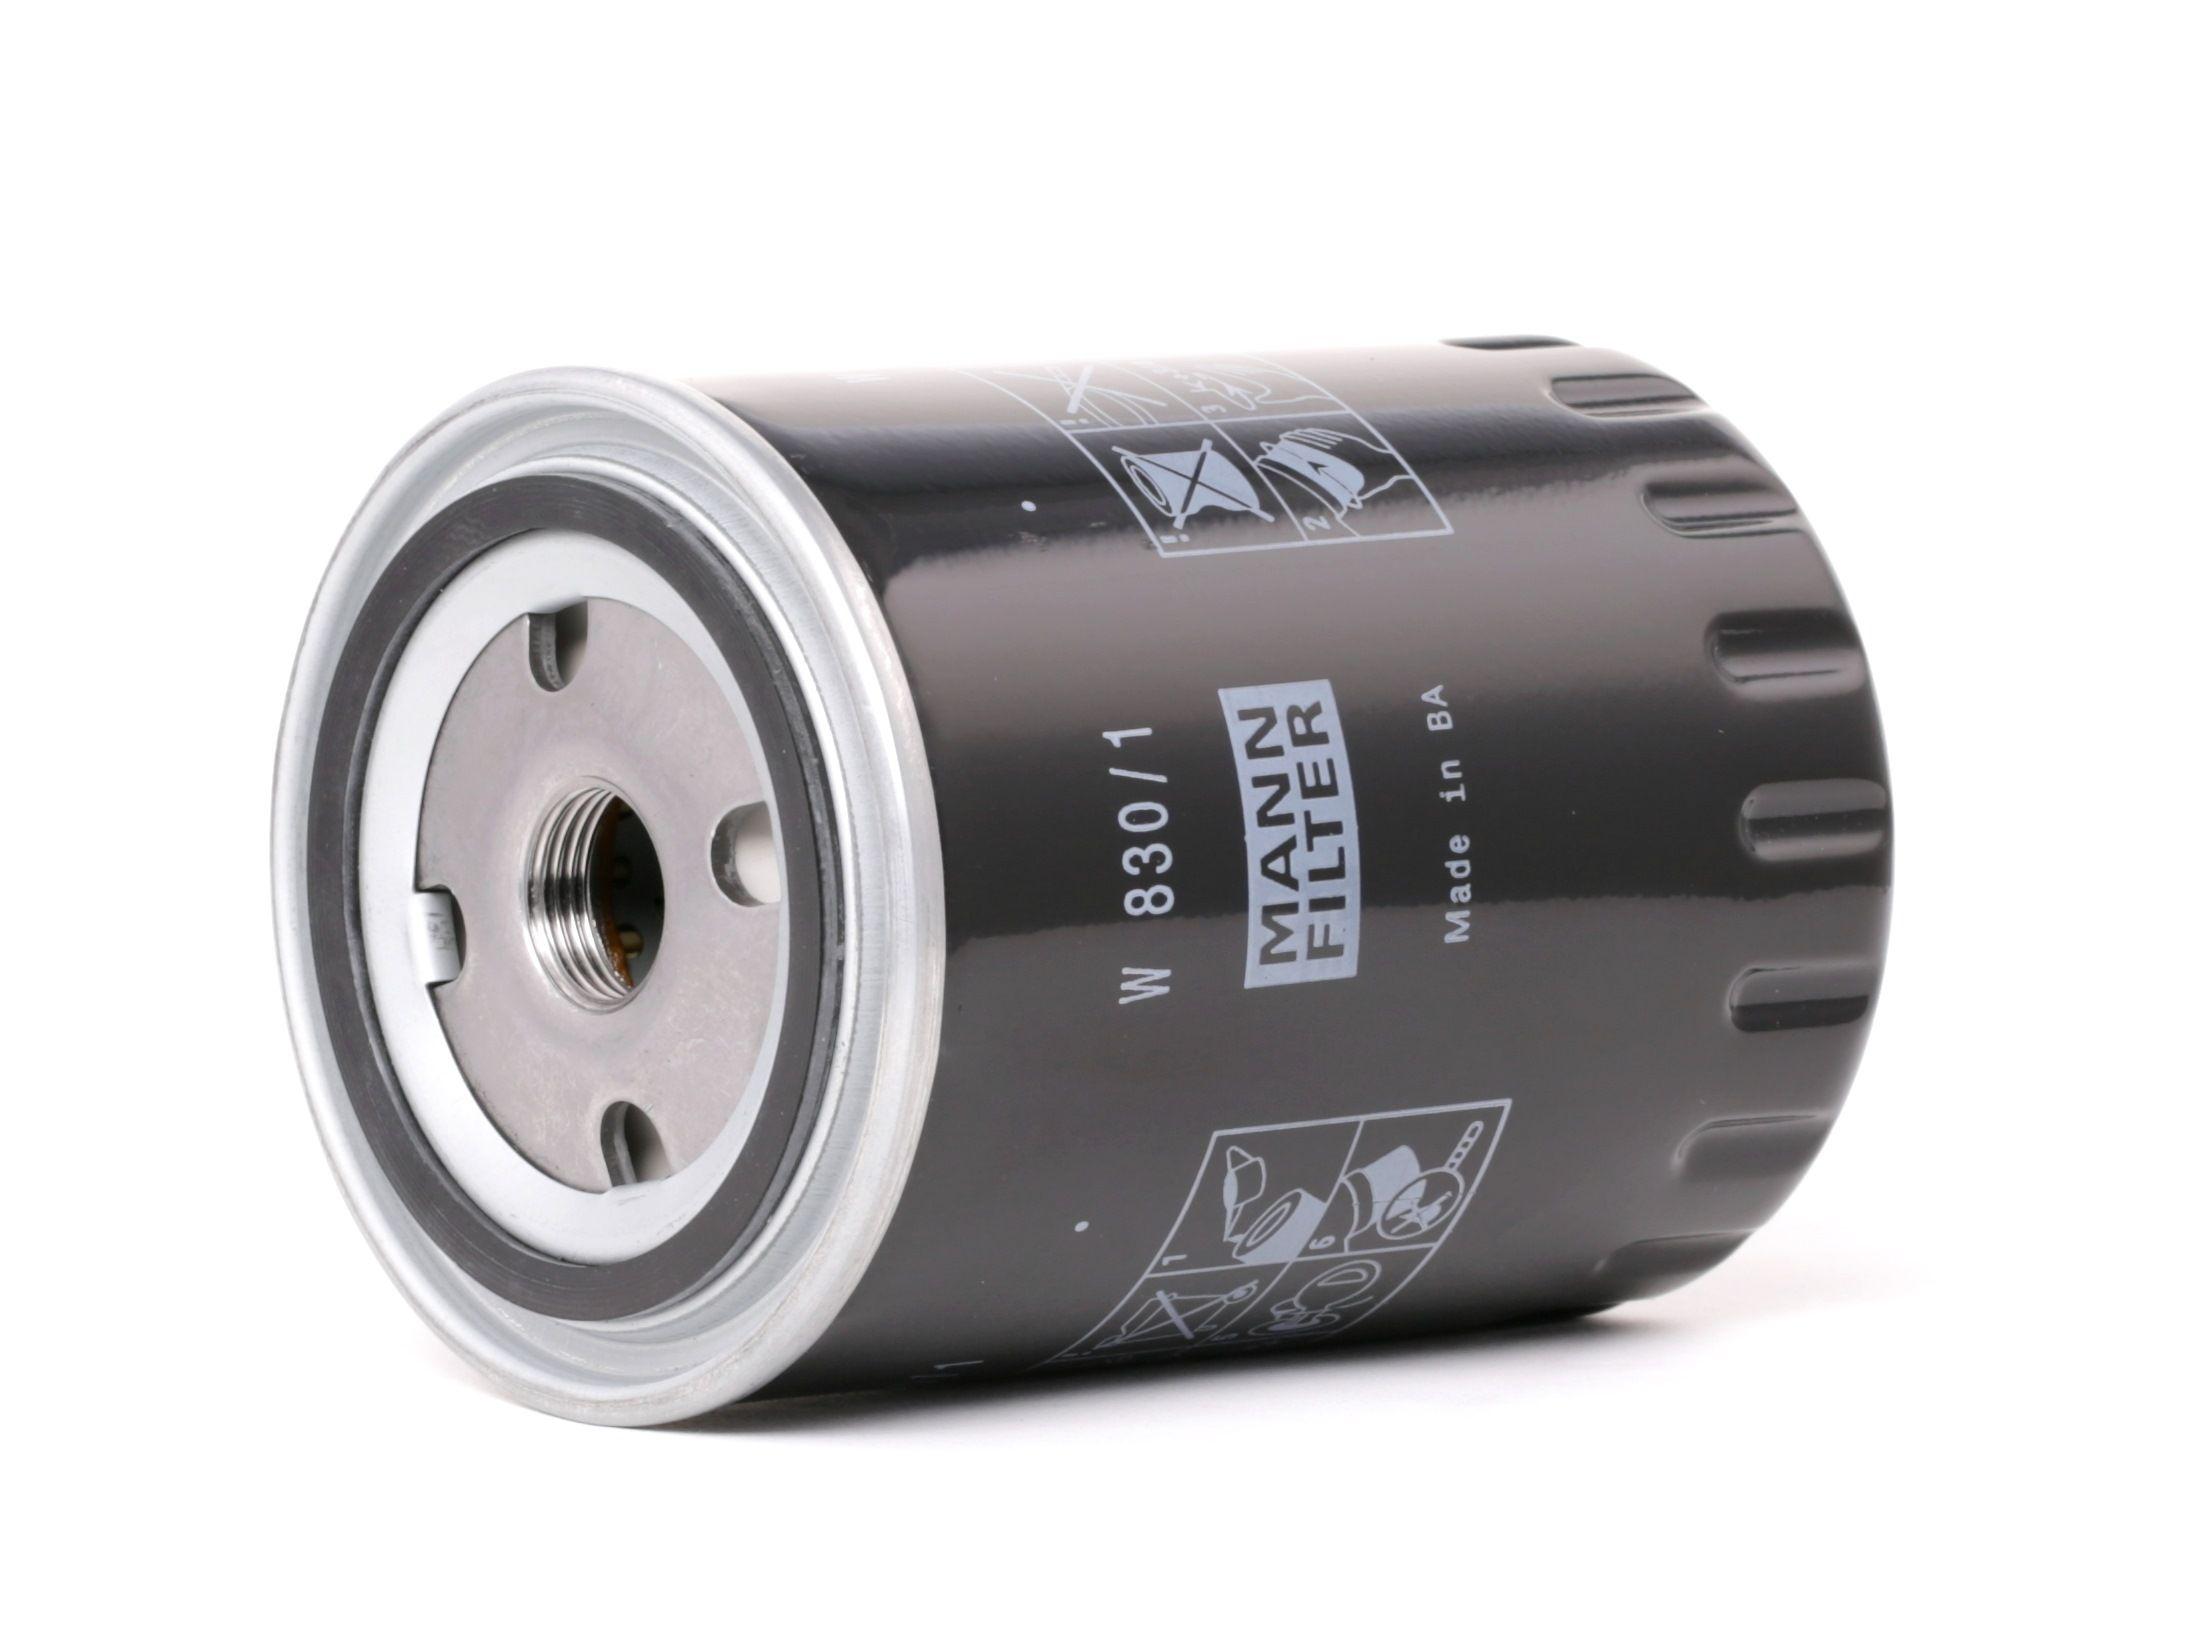 Achetez Filtre à huile MANN-FILTER W 830/1 (Diamètre intérieur 2: 62mm, Diamètre intérieur 2: 62mm, Ø: 86mm, Diamètre extérieur 2: 71mm, Hauteur: 119mm) à un rapport qualité-prix exceptionnel